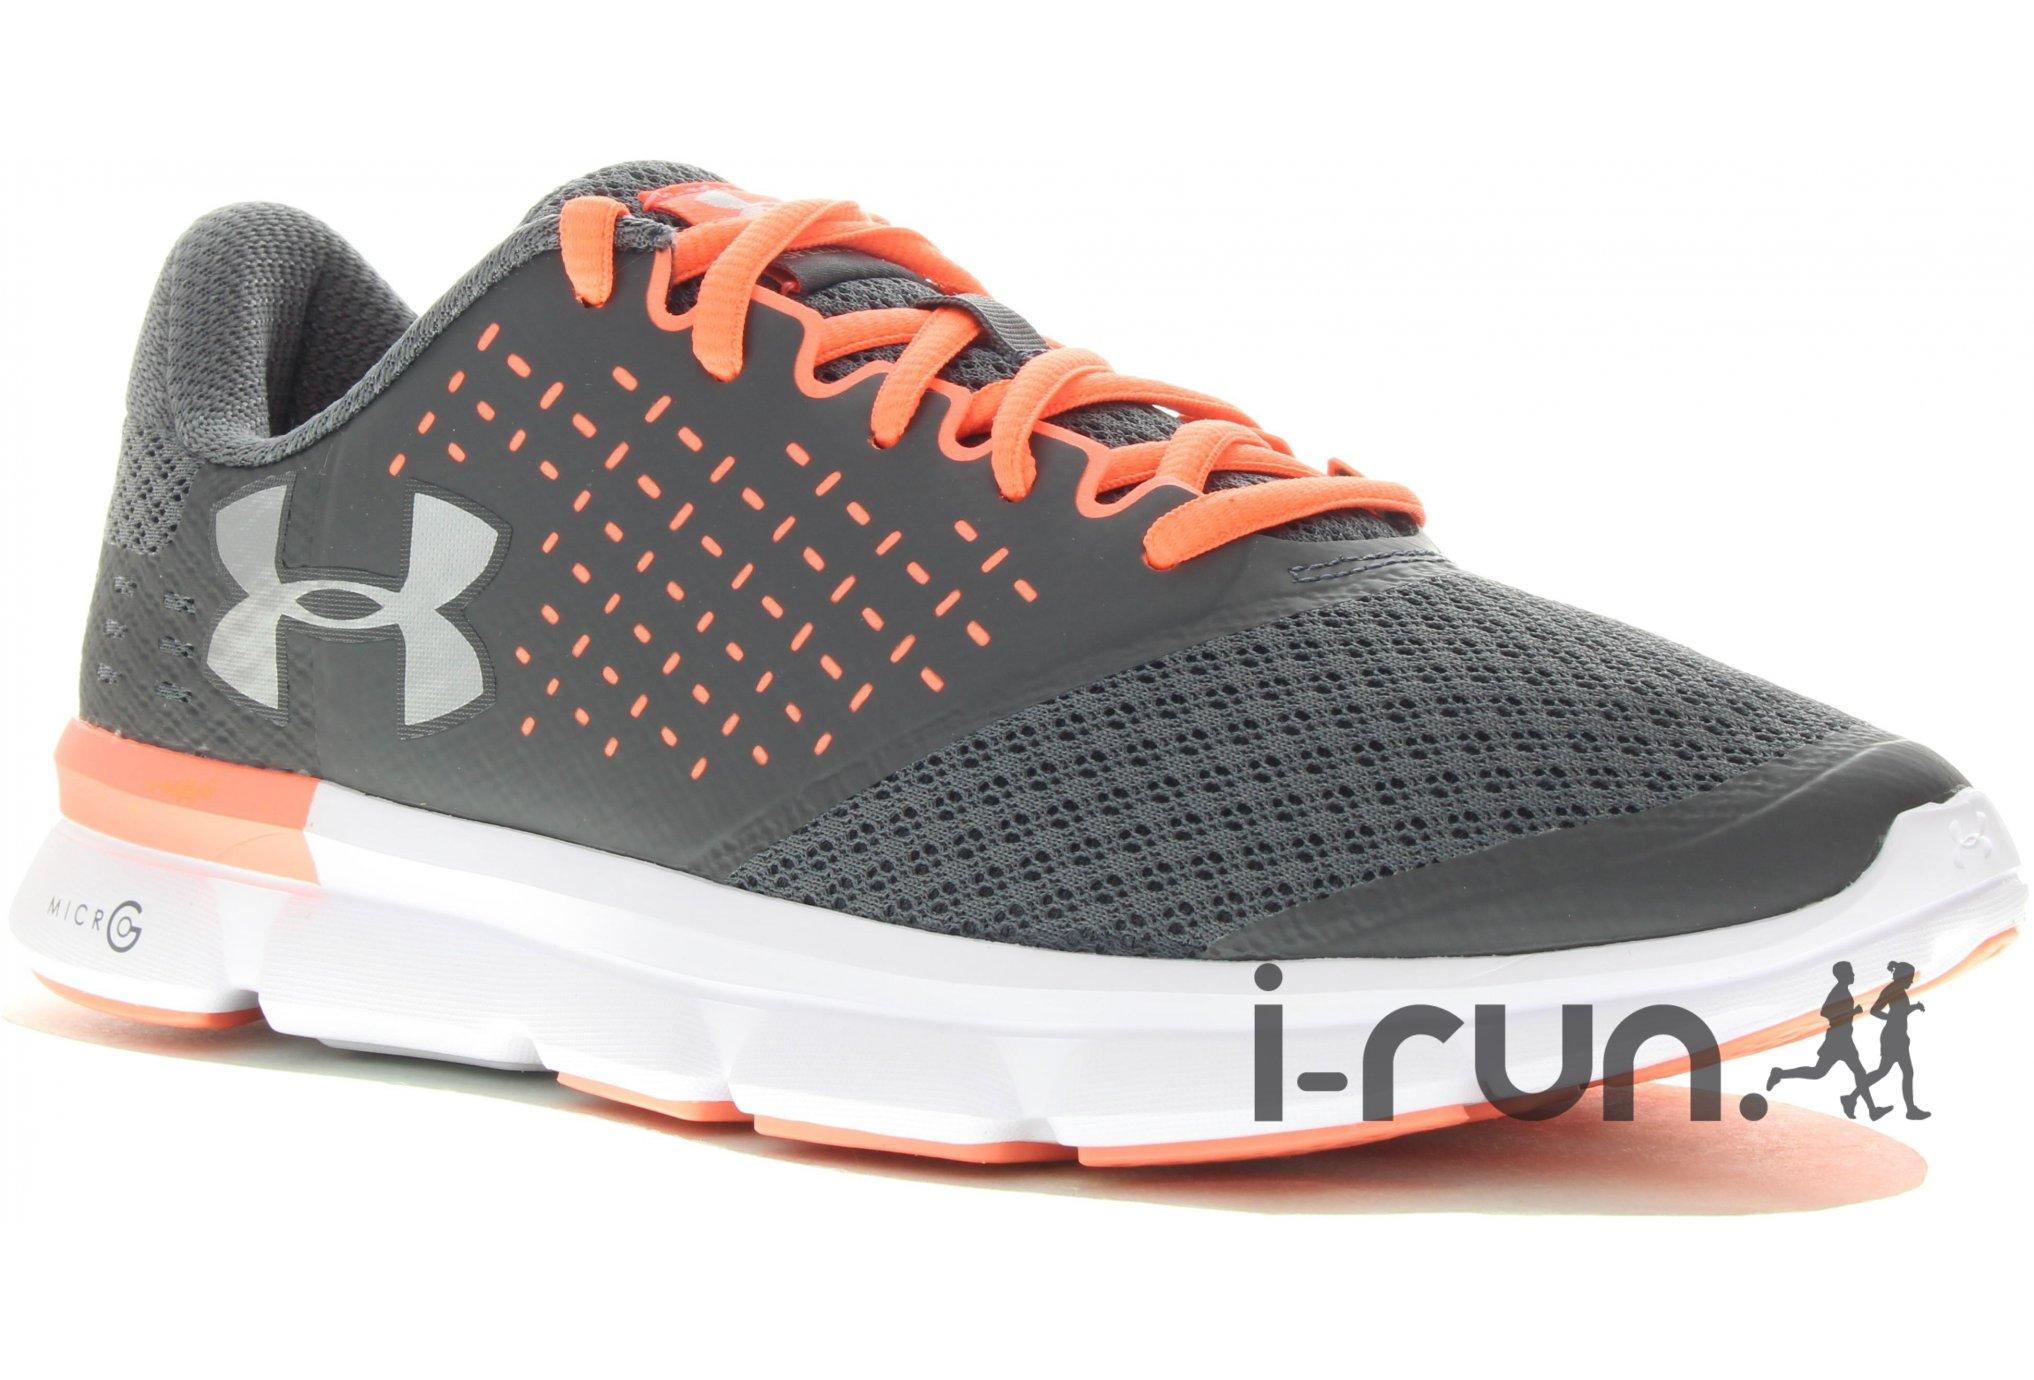 2cea78cc2e5 Liste de produits chaussures running et prix chaussures running ...